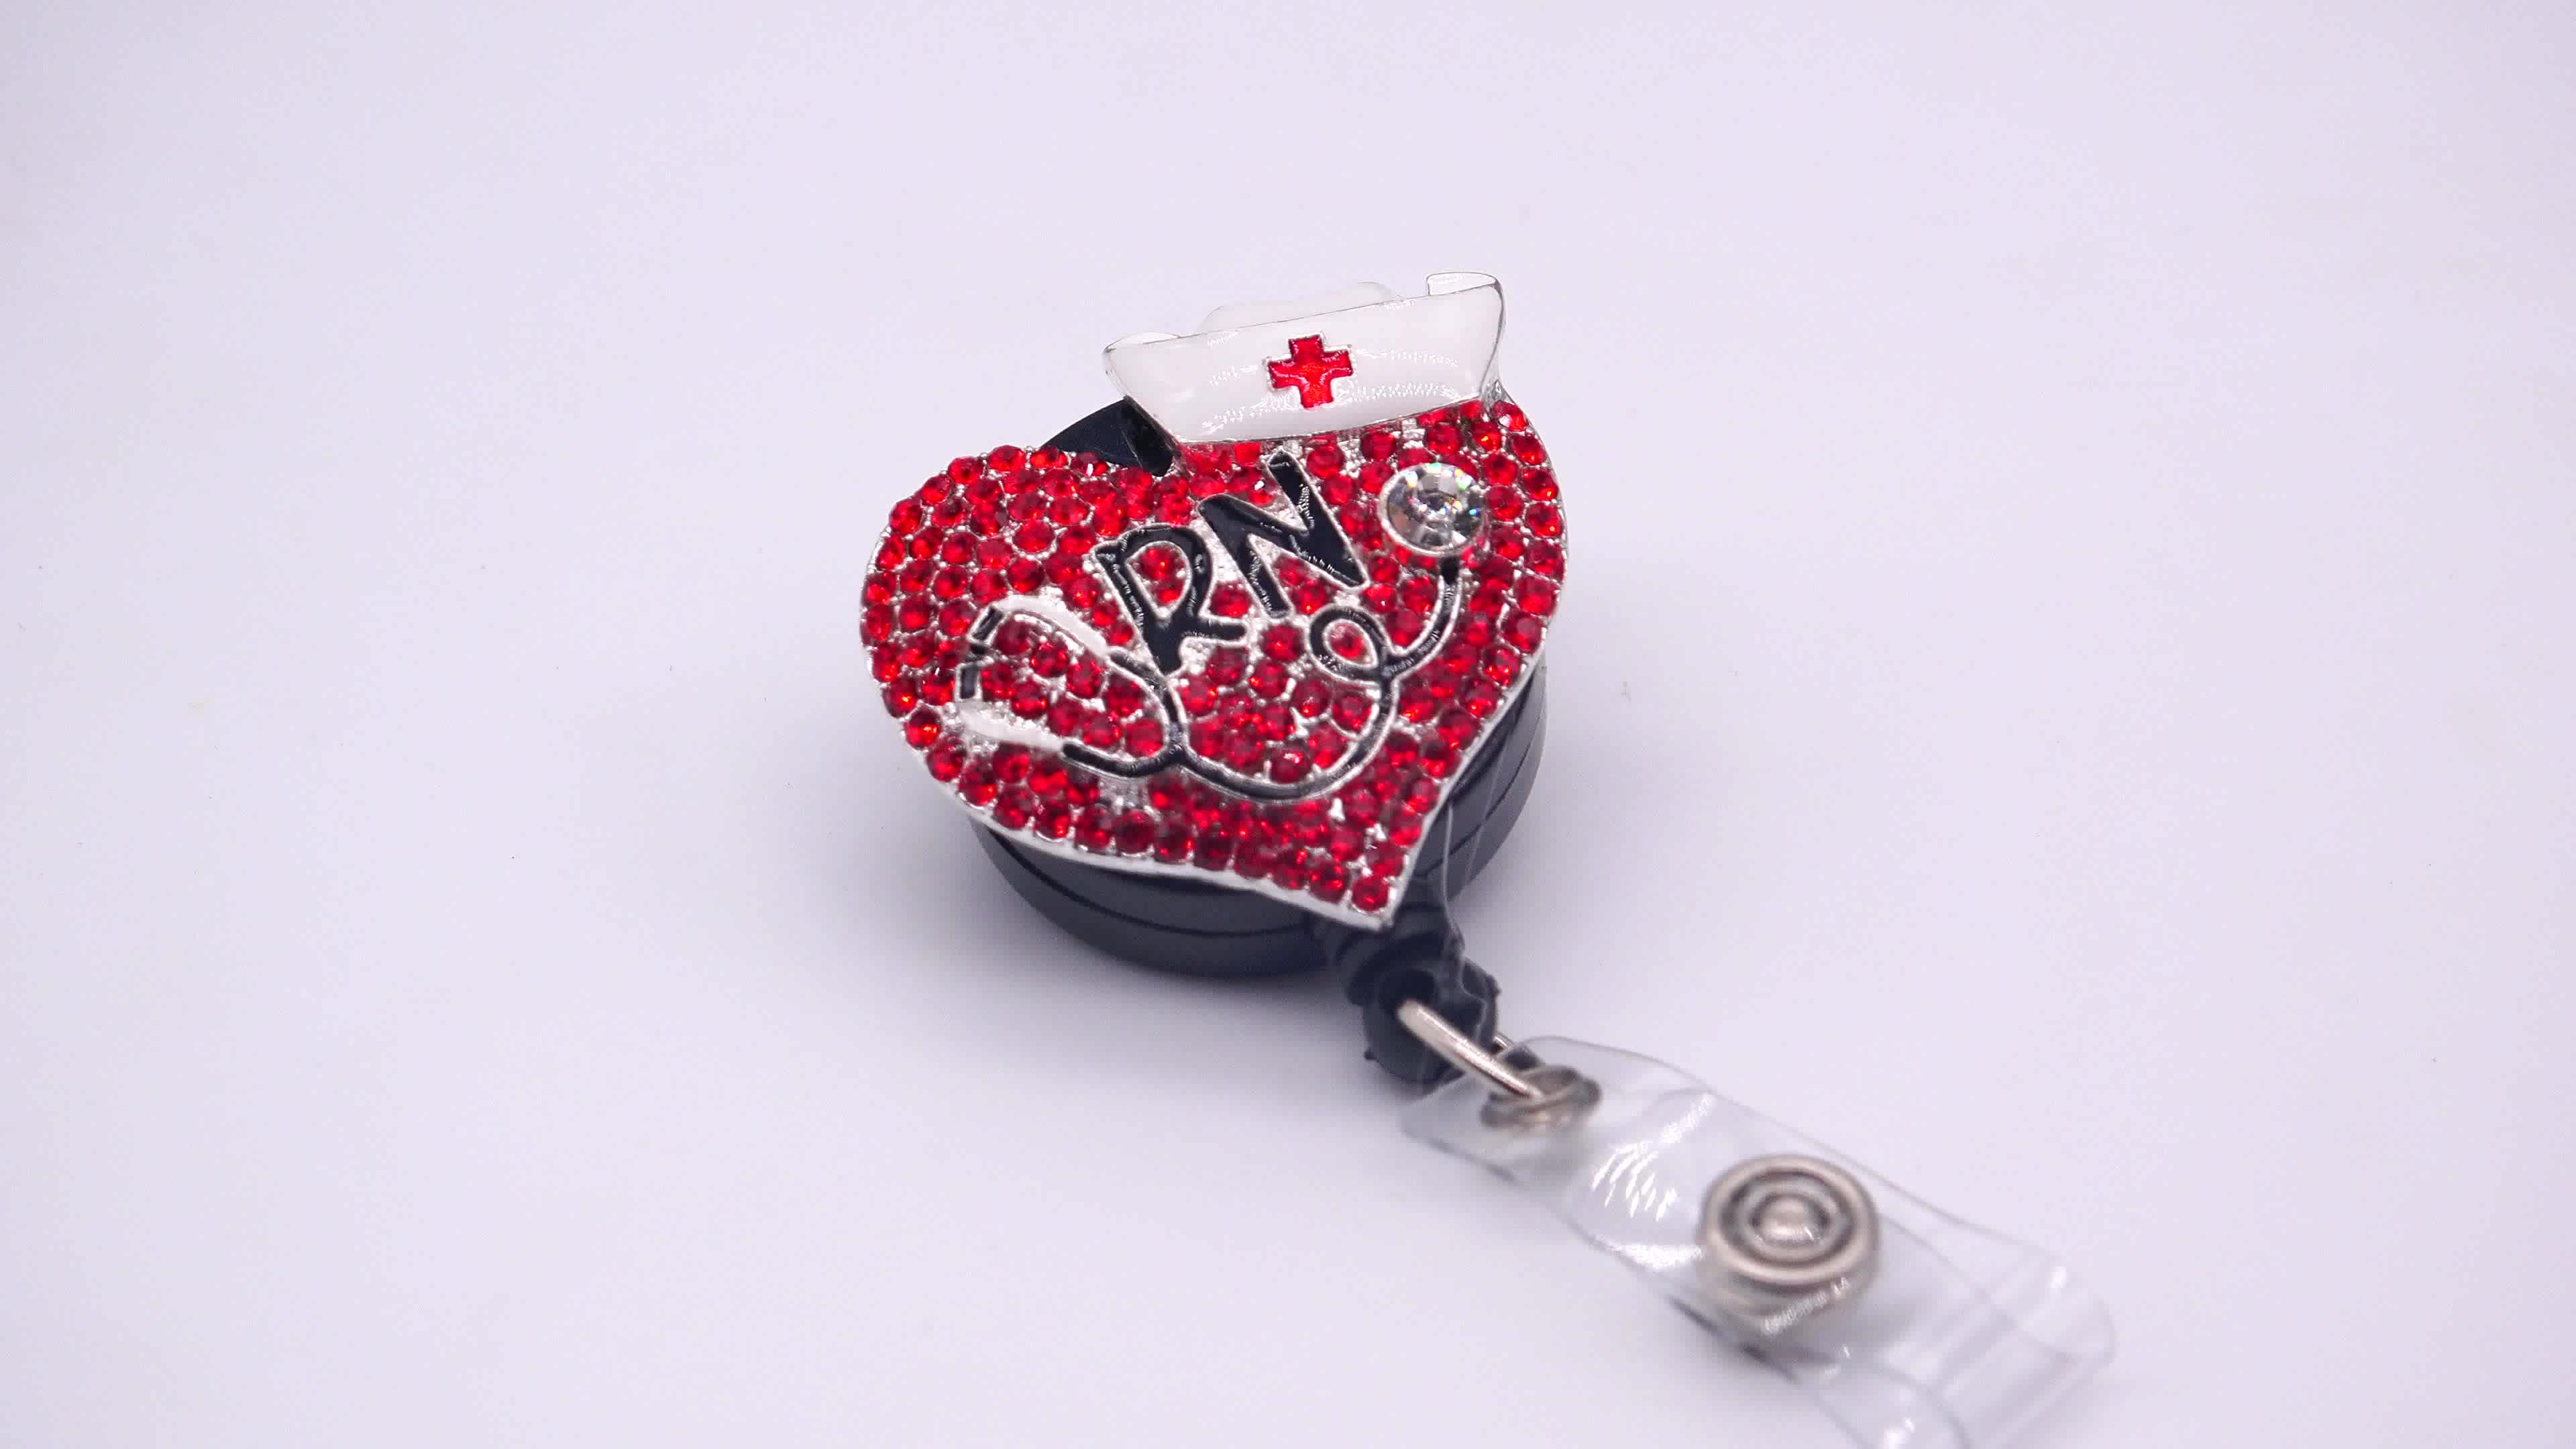 แดง Rhinestones หัวใจหูฟังแพทย์ผู้ถือป้ายพับเก็บได้